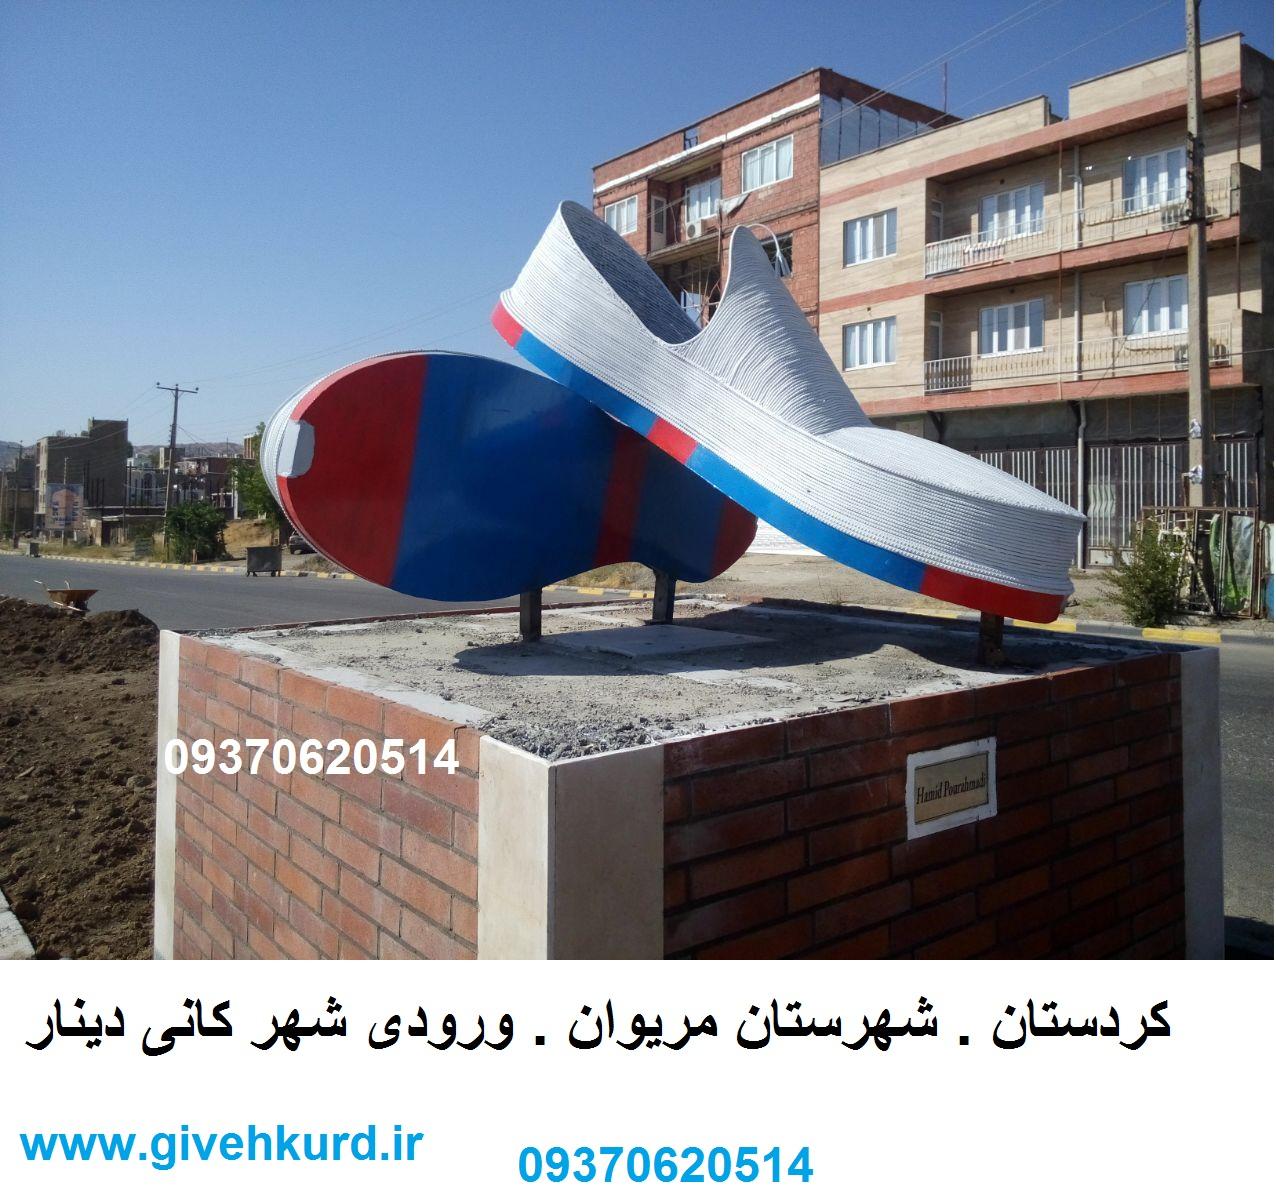 شهر کانی دینار مرکز تولید گیوه کلاش